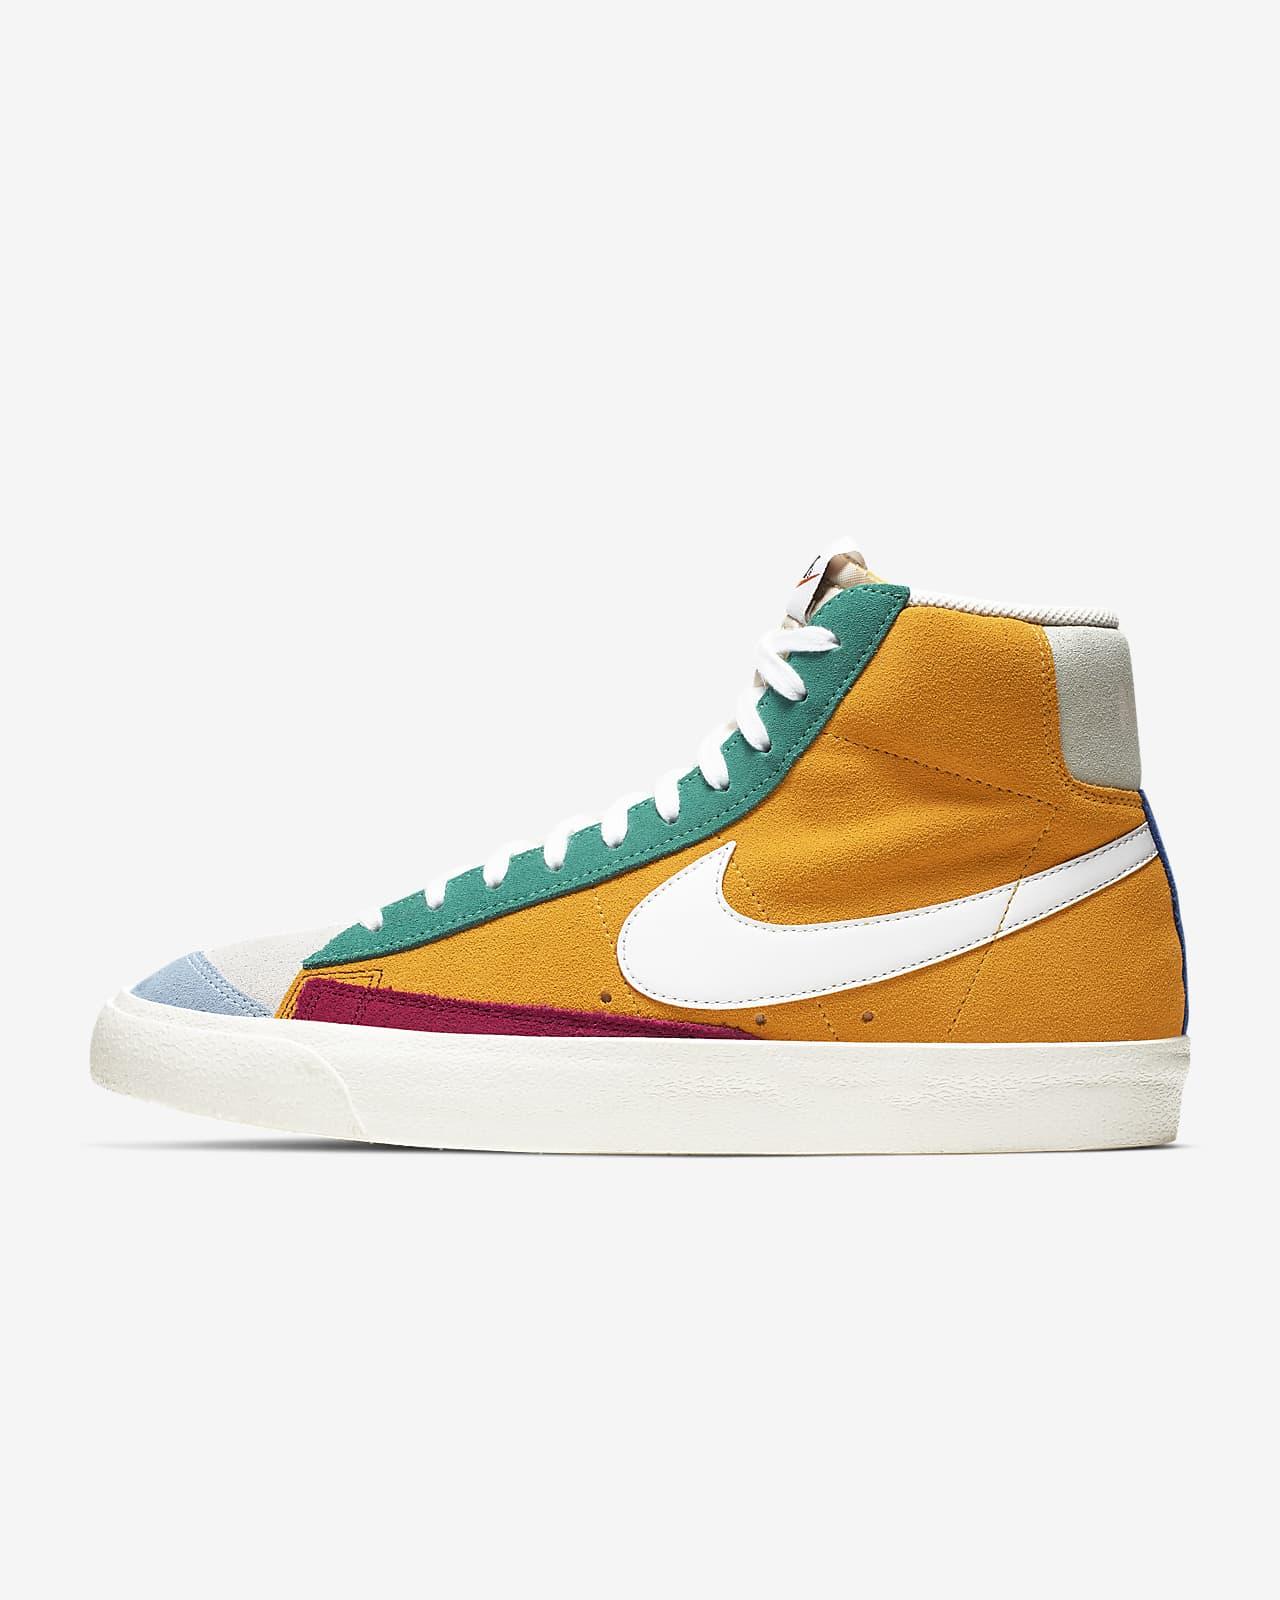 NikeBlazer Mid '77 VNTG WE Suede男子运动鞋